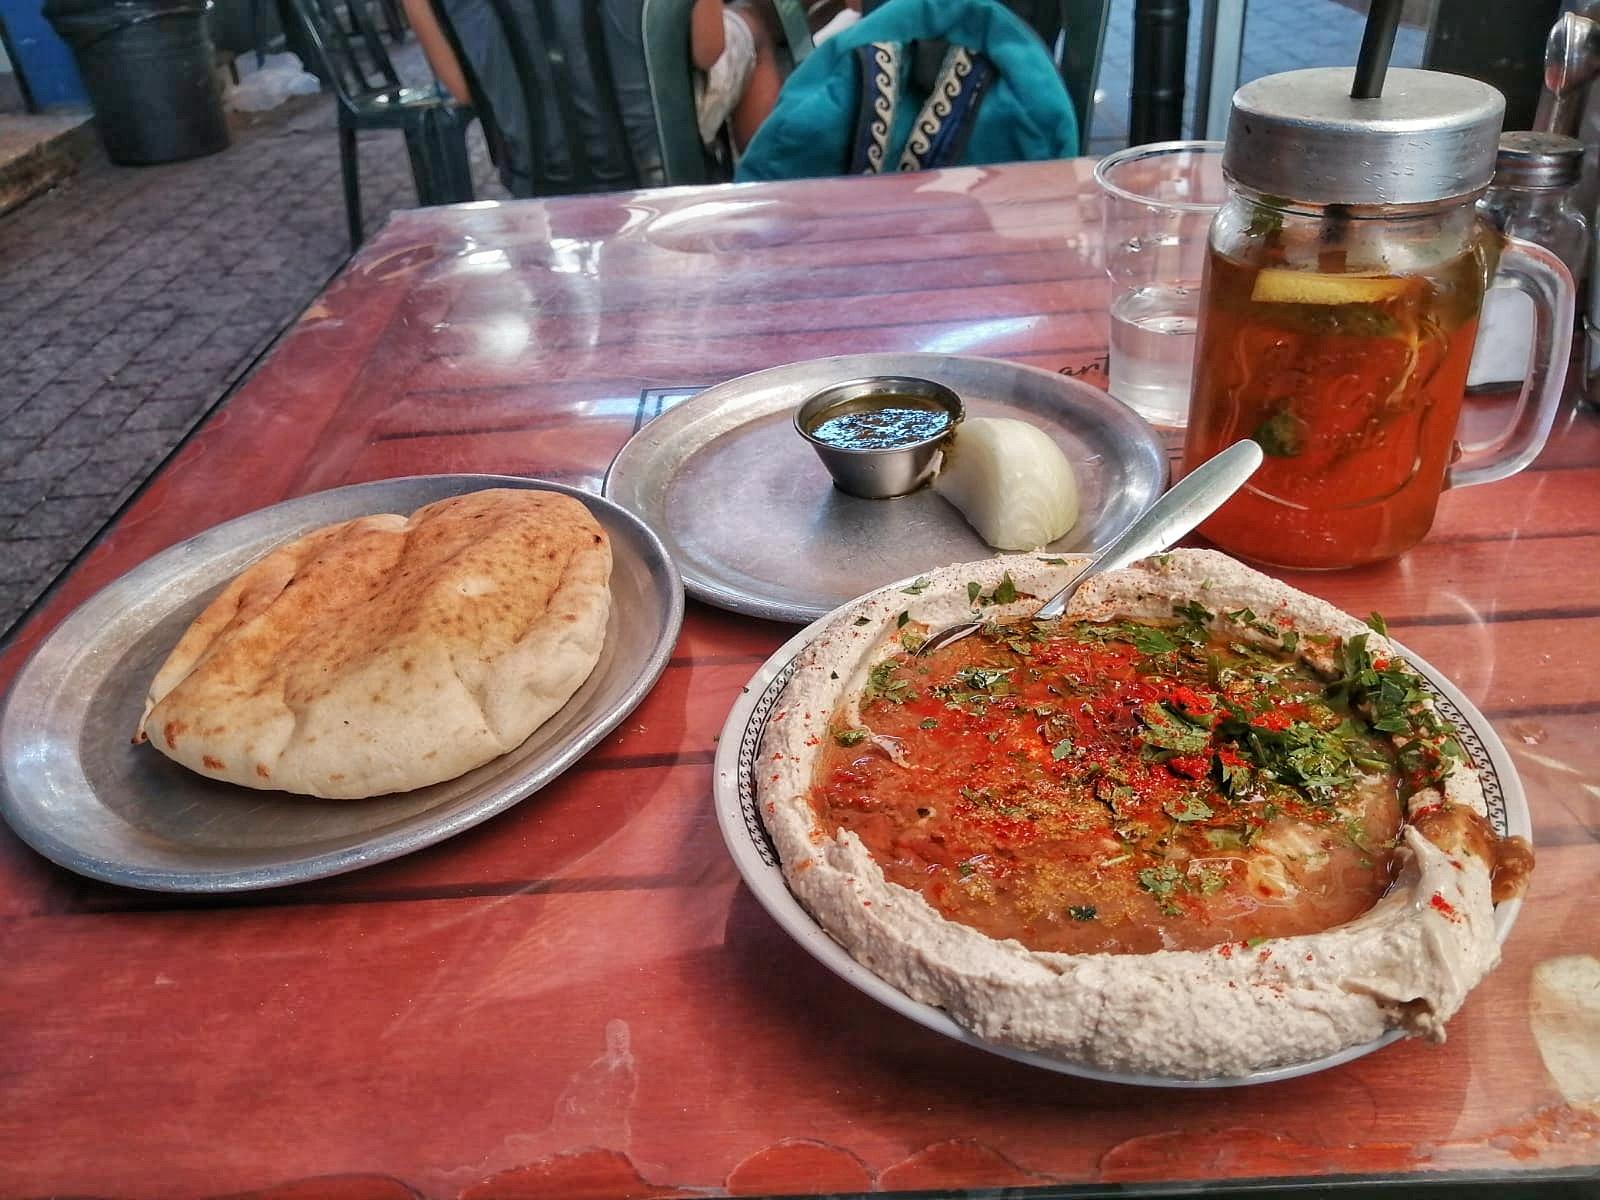 Where to eat in Tel Aviv | Best restaurants in Tel Aviv